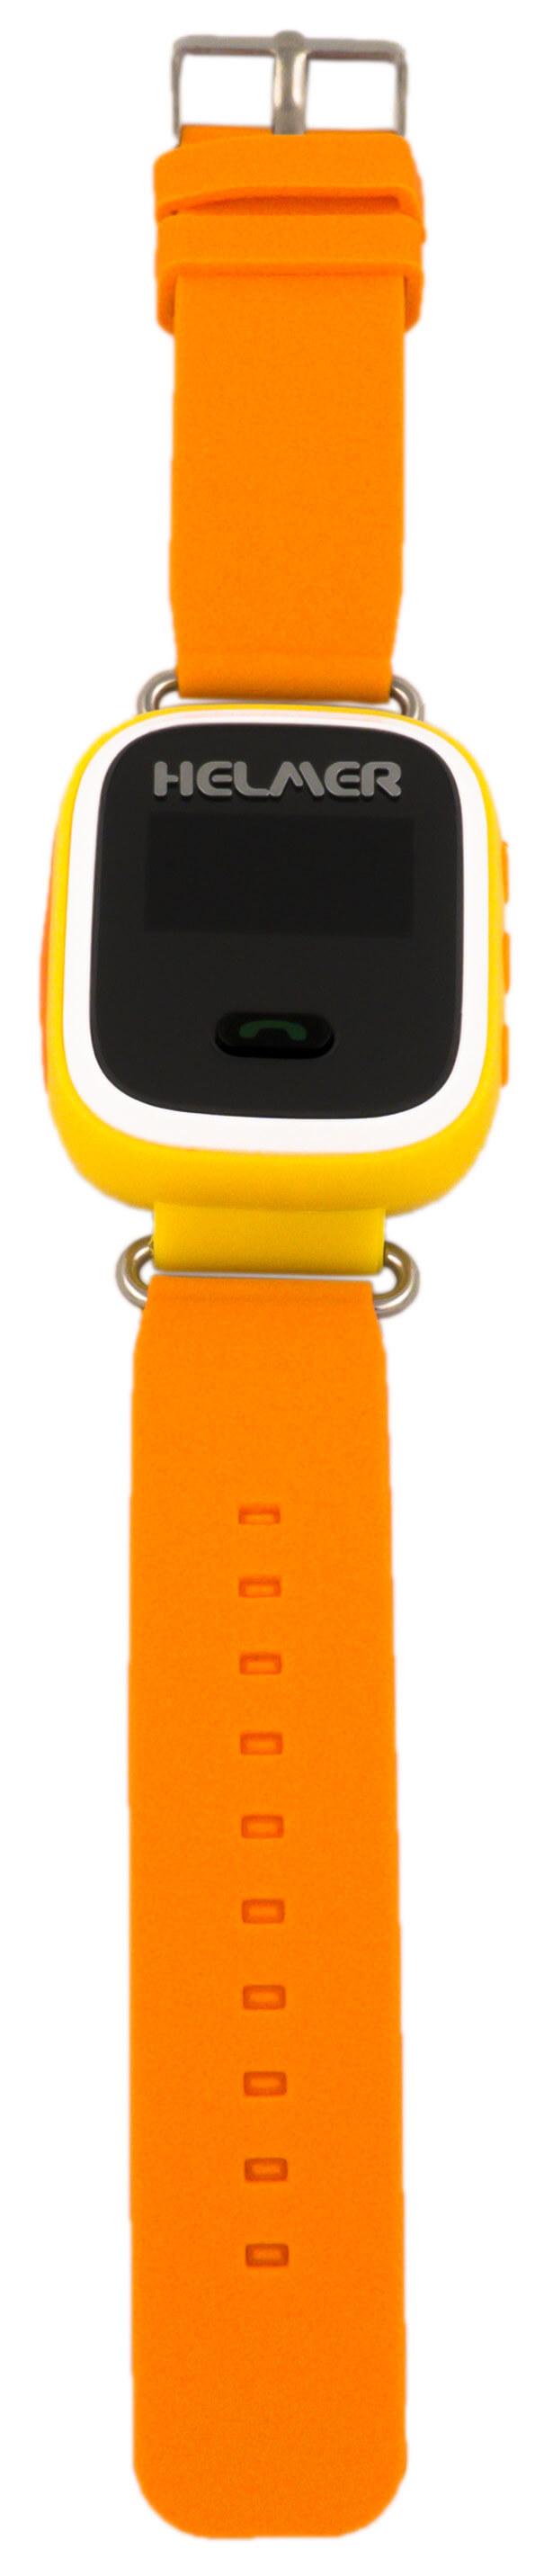 868aa6a3e Helmer Chytré hodinky s GPS lokátorem LK 702 žluté + SIM karta ...